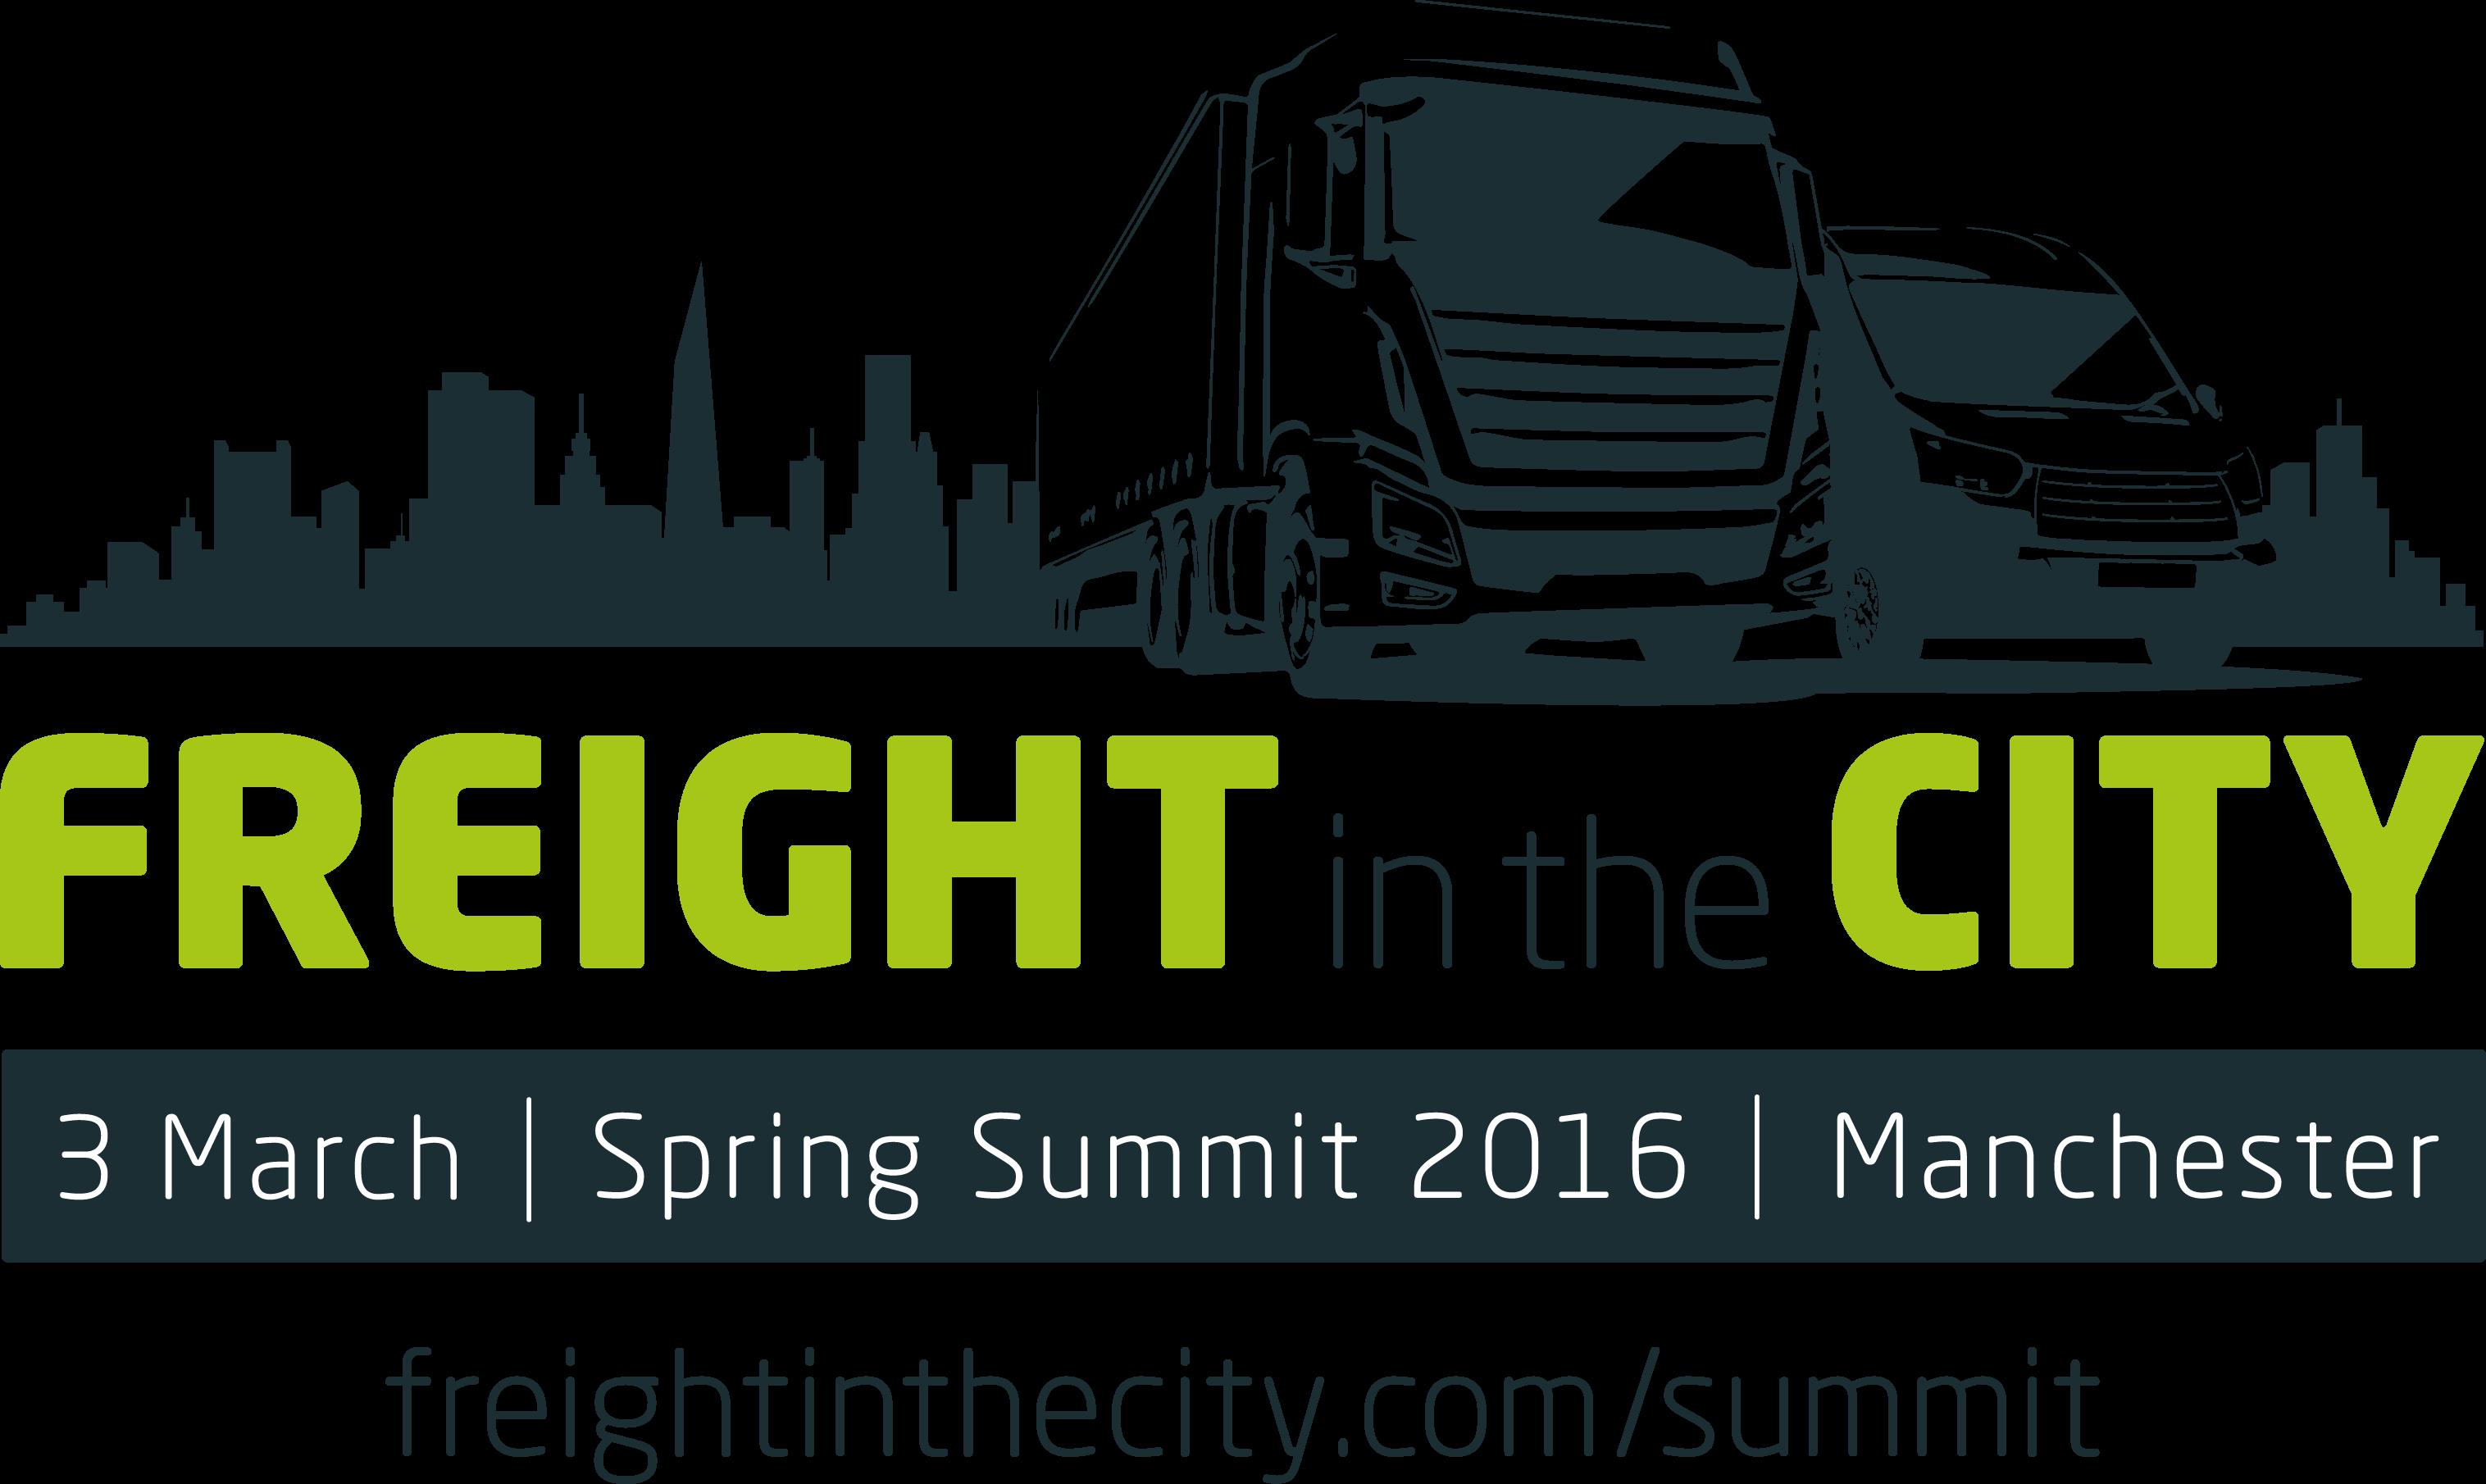 Spring Summit Manchester Logo